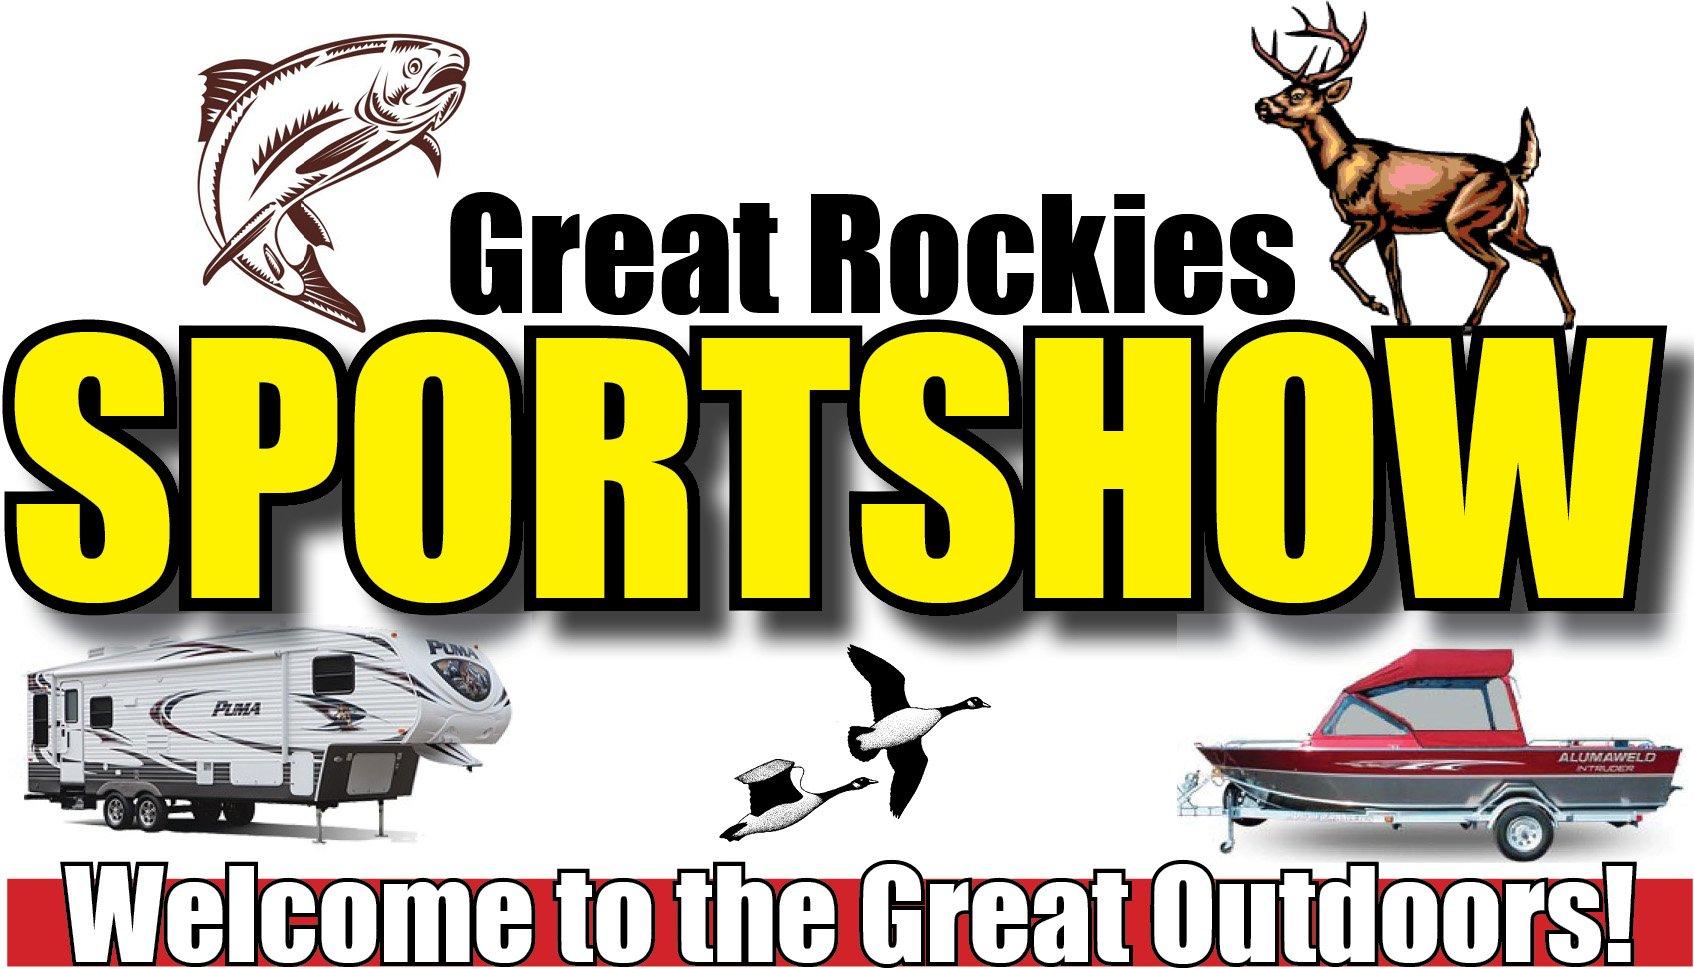 Montana's Great Rockies Sportshow | Missoula